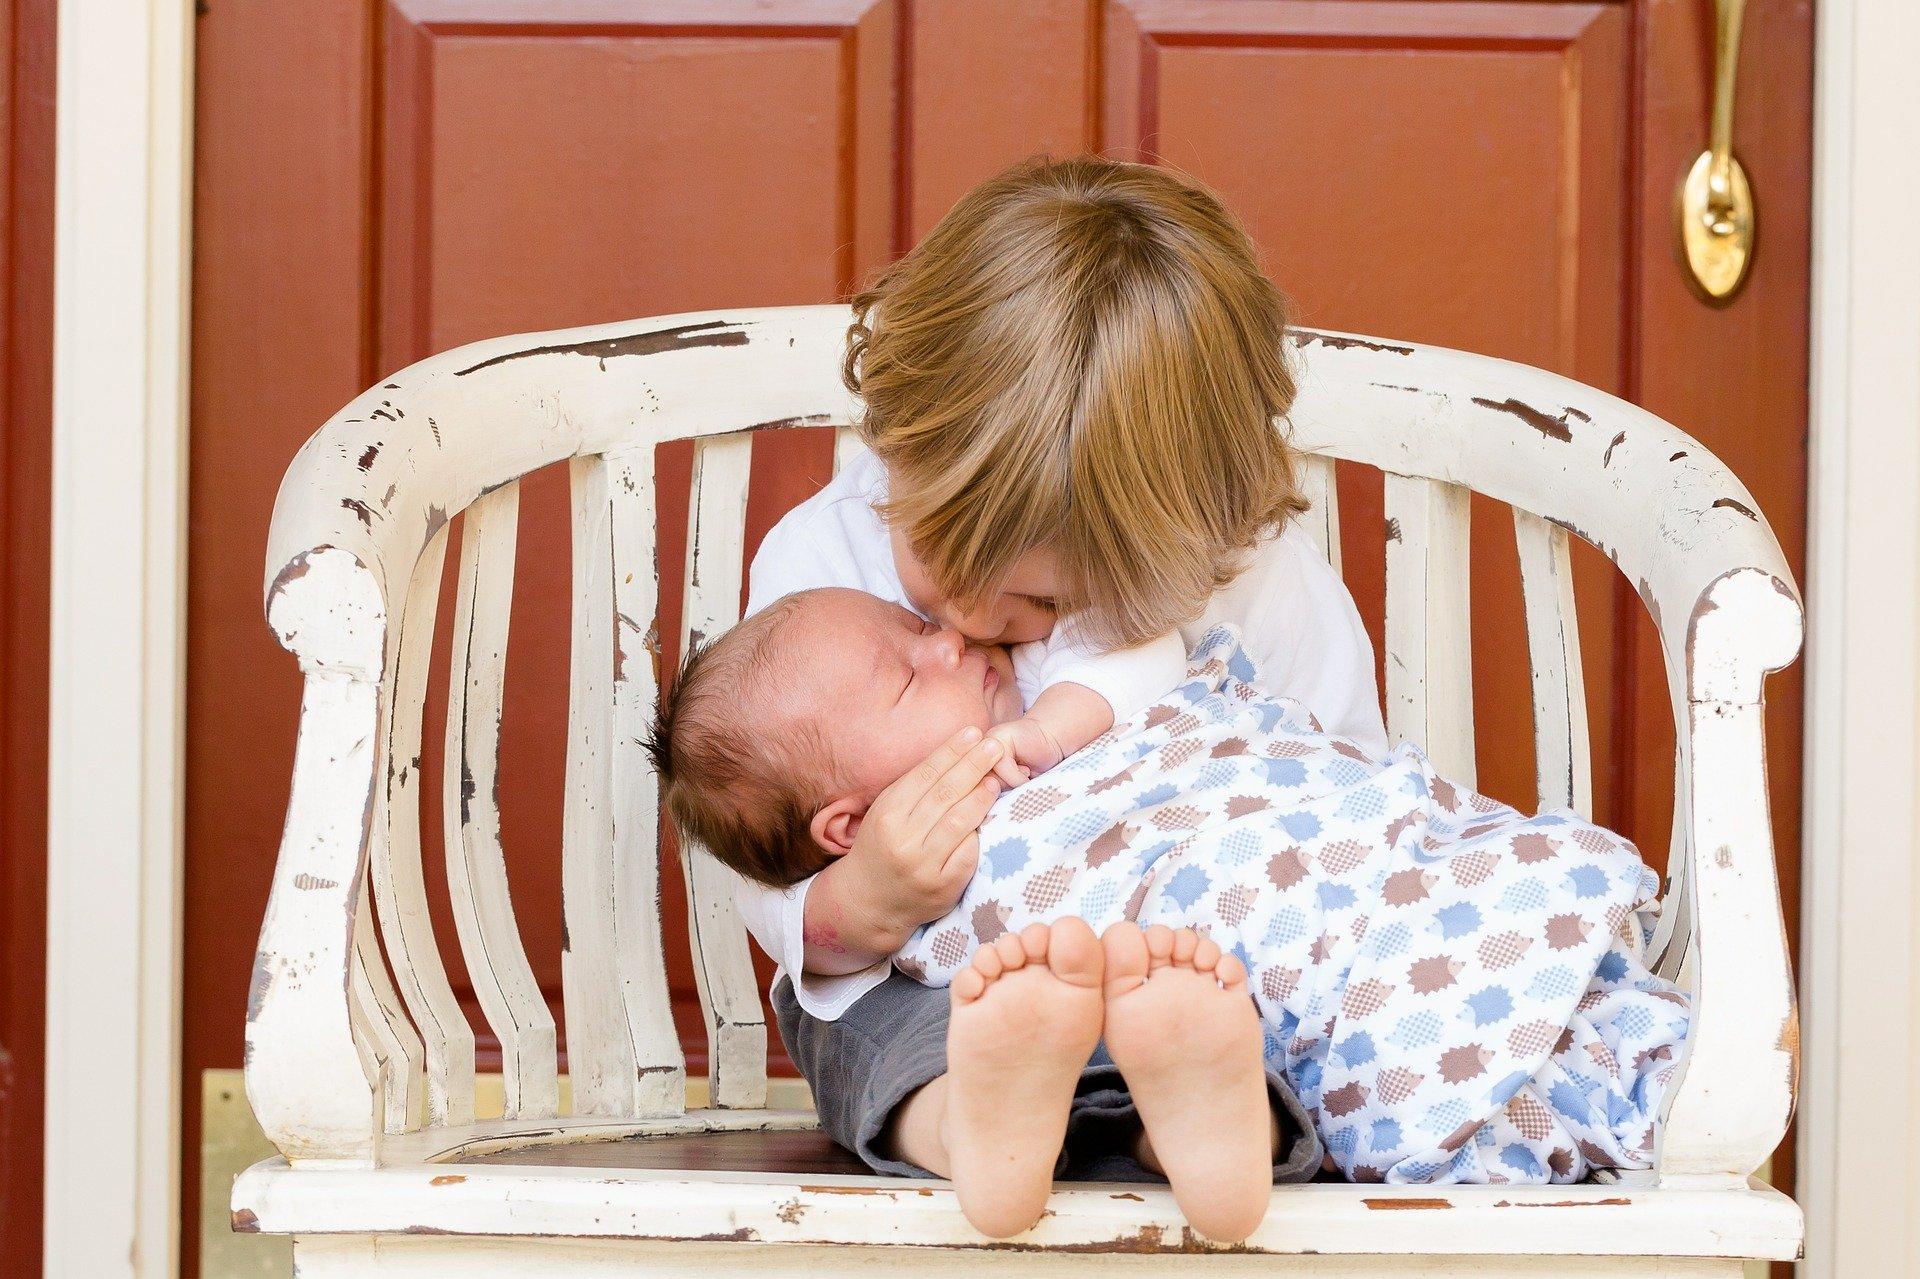 brothers 457234 19201 - 5 de septiembre: Día Mundial del Hermano